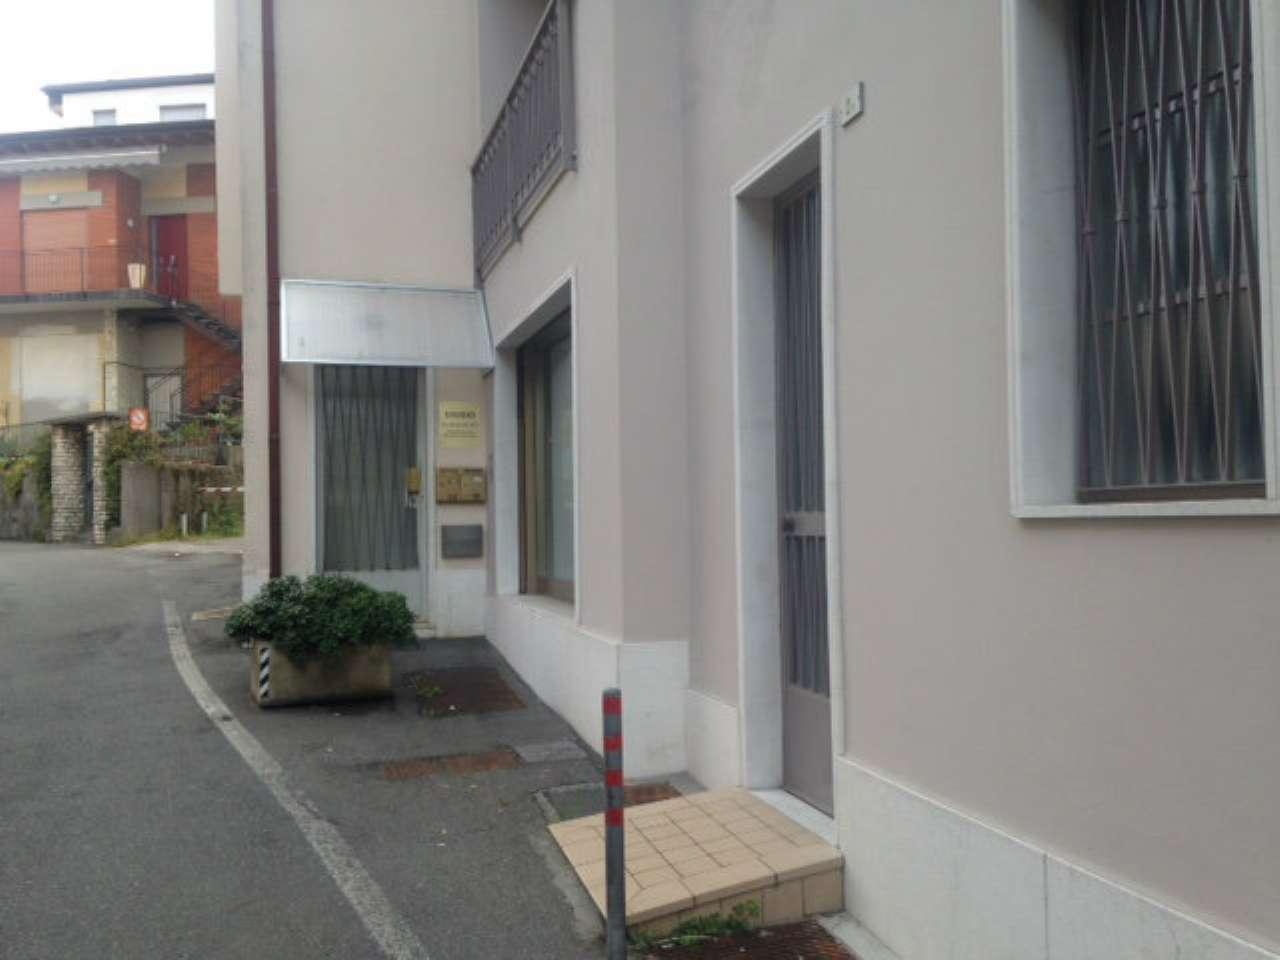 Ufficio / Studio in affitto a Bedizzole, 1 locali, prezzo € 400 | CambioCasa.it